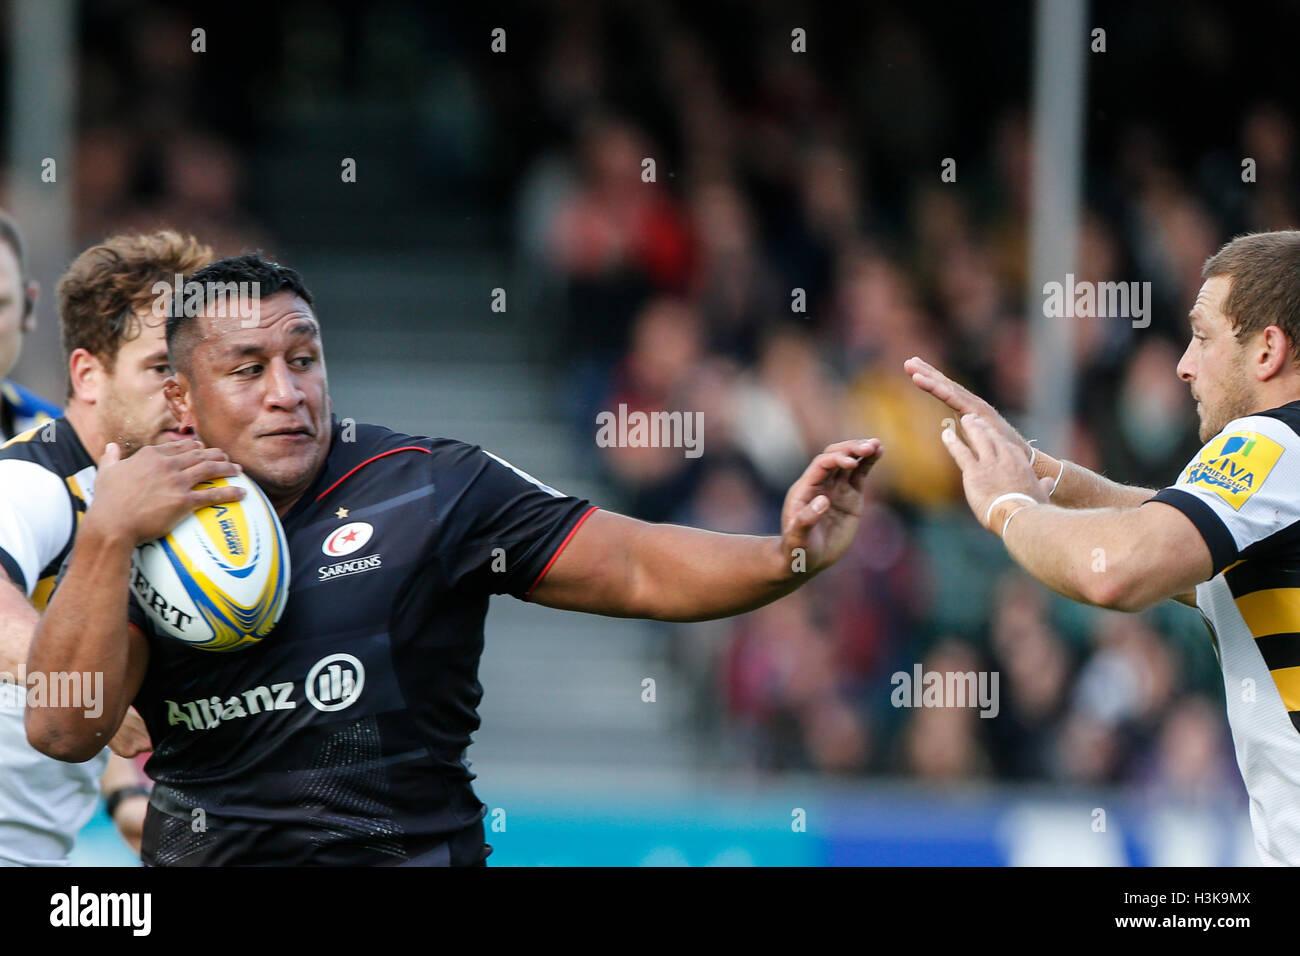 Barnet Copthall, Londres, Reino Unido. 9 Oct, 2016. Aviva Premiership de Rugby. Los sarracenos versus las avispas. Imagen De Stock